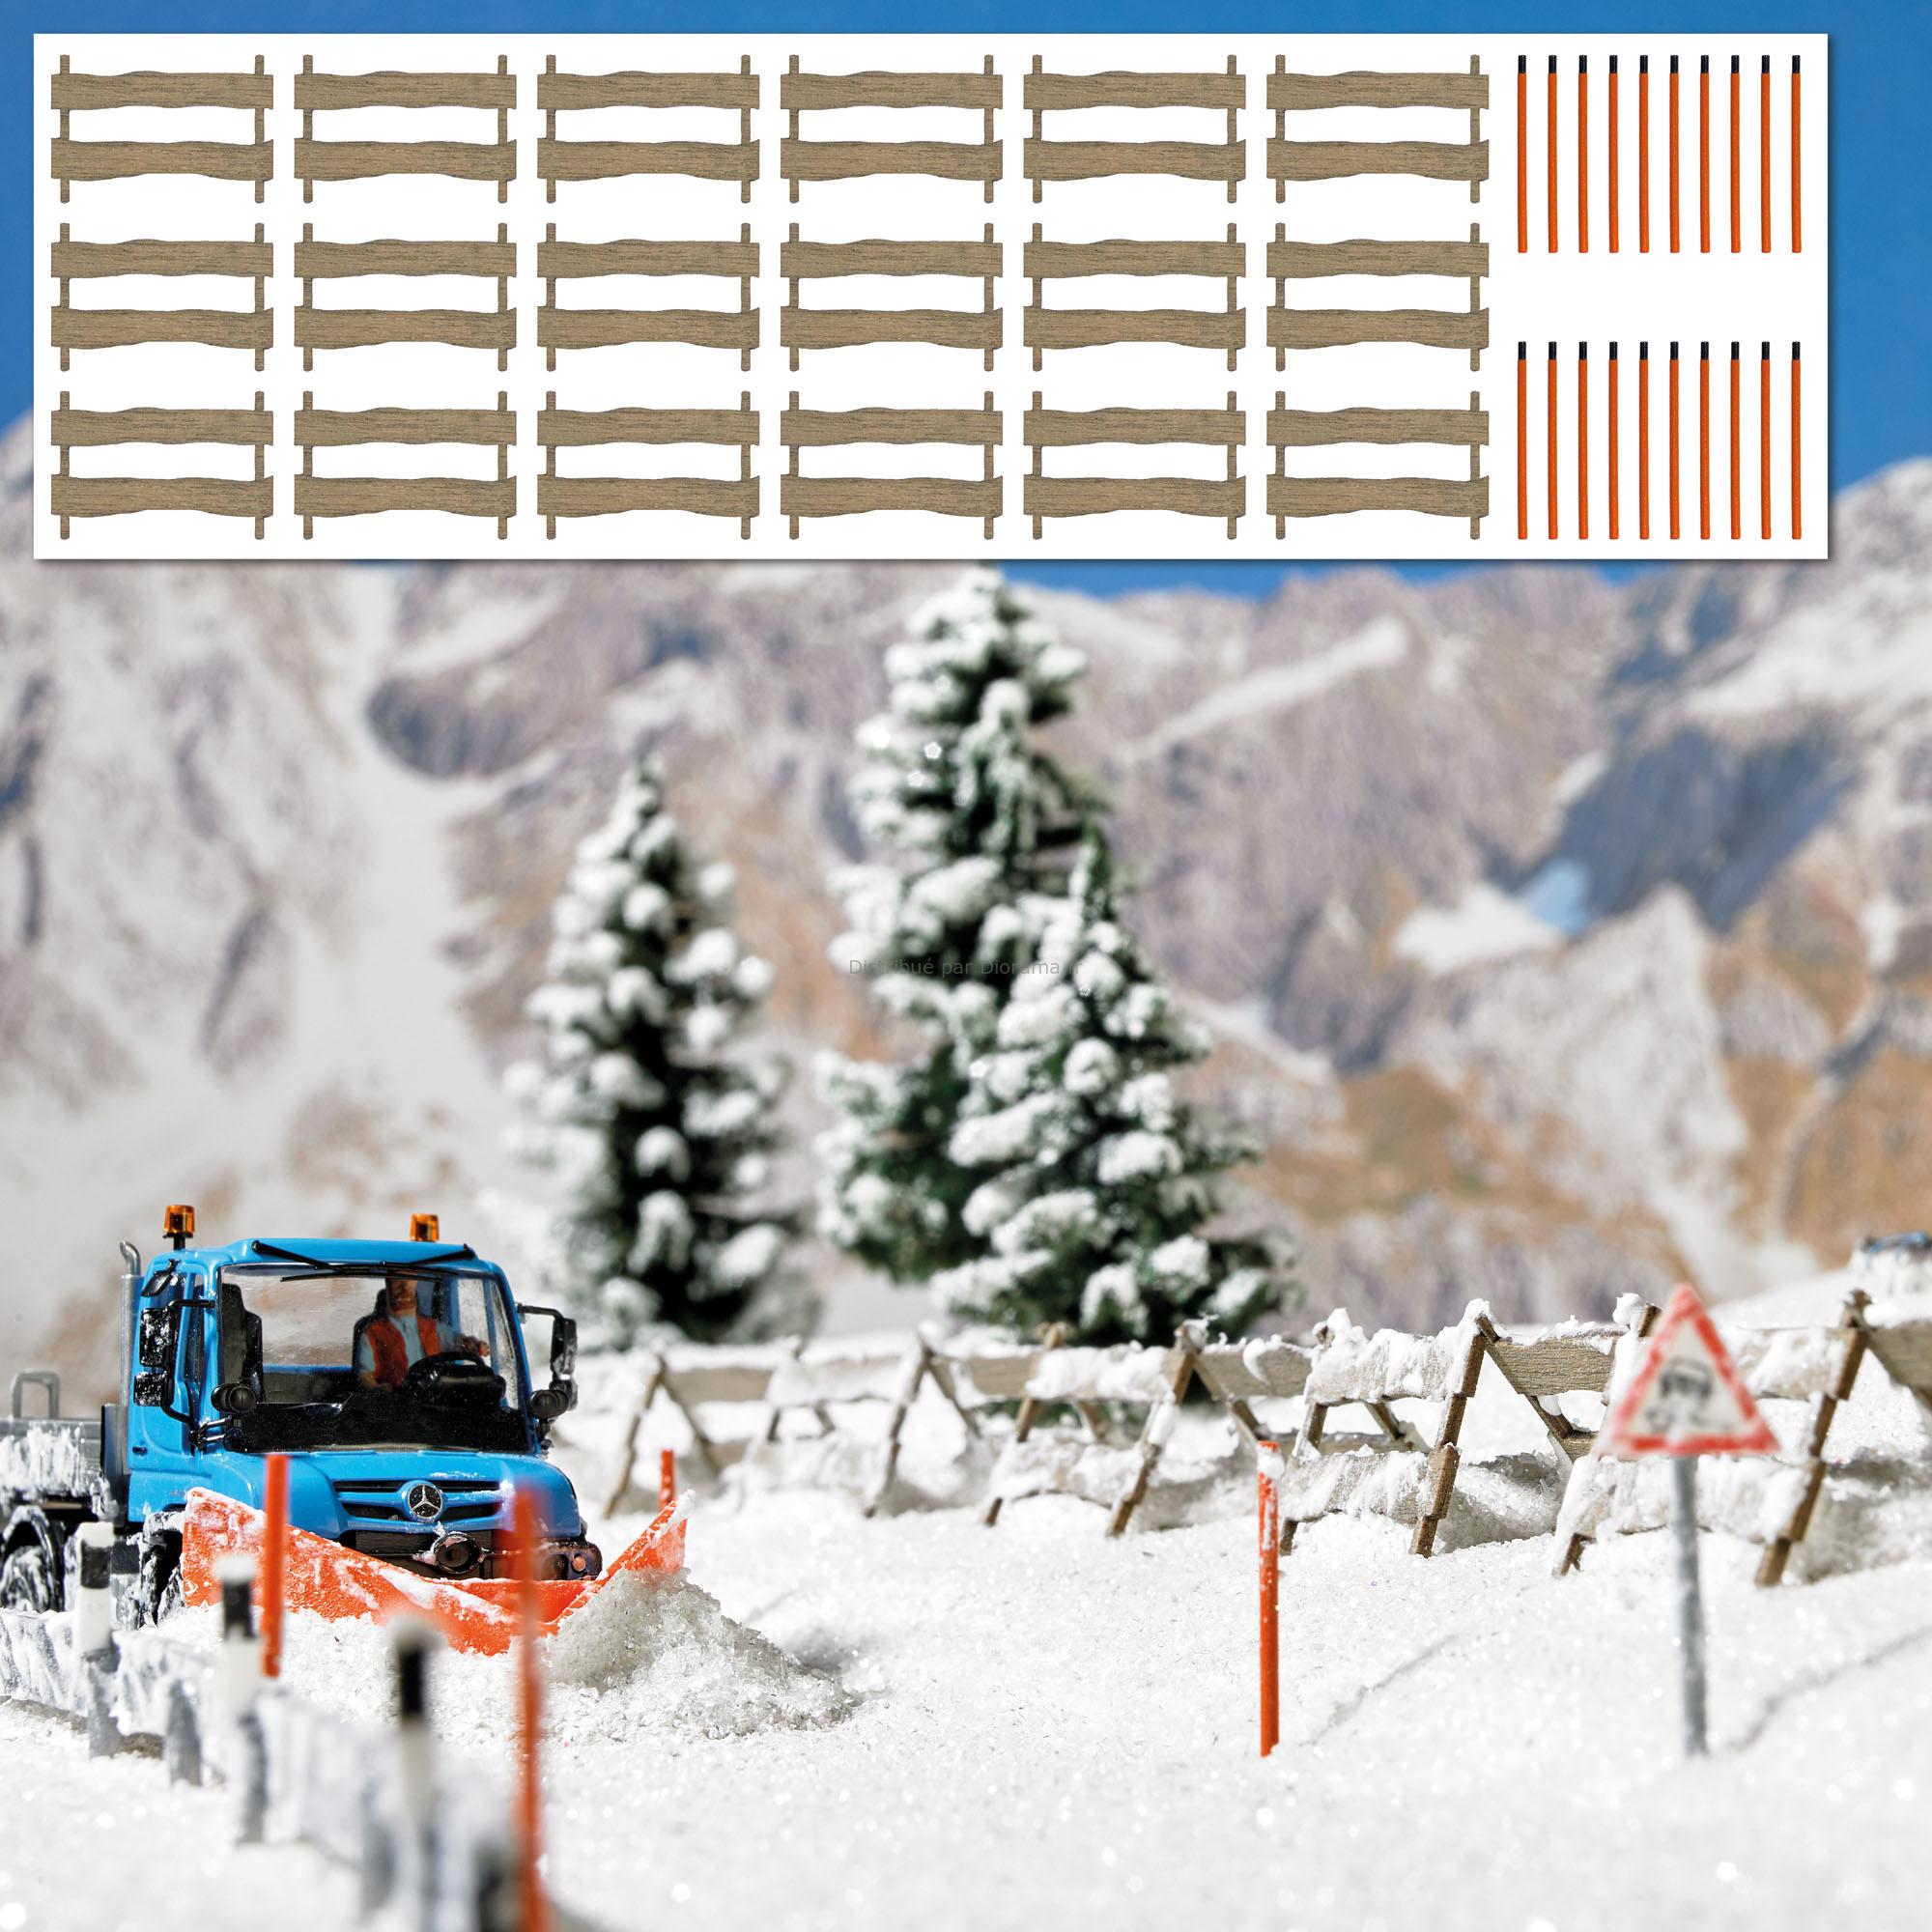 Décors miniatures : Clôtures pare-neige et balises à neige - 1:87 HO ‐ Bush 01120